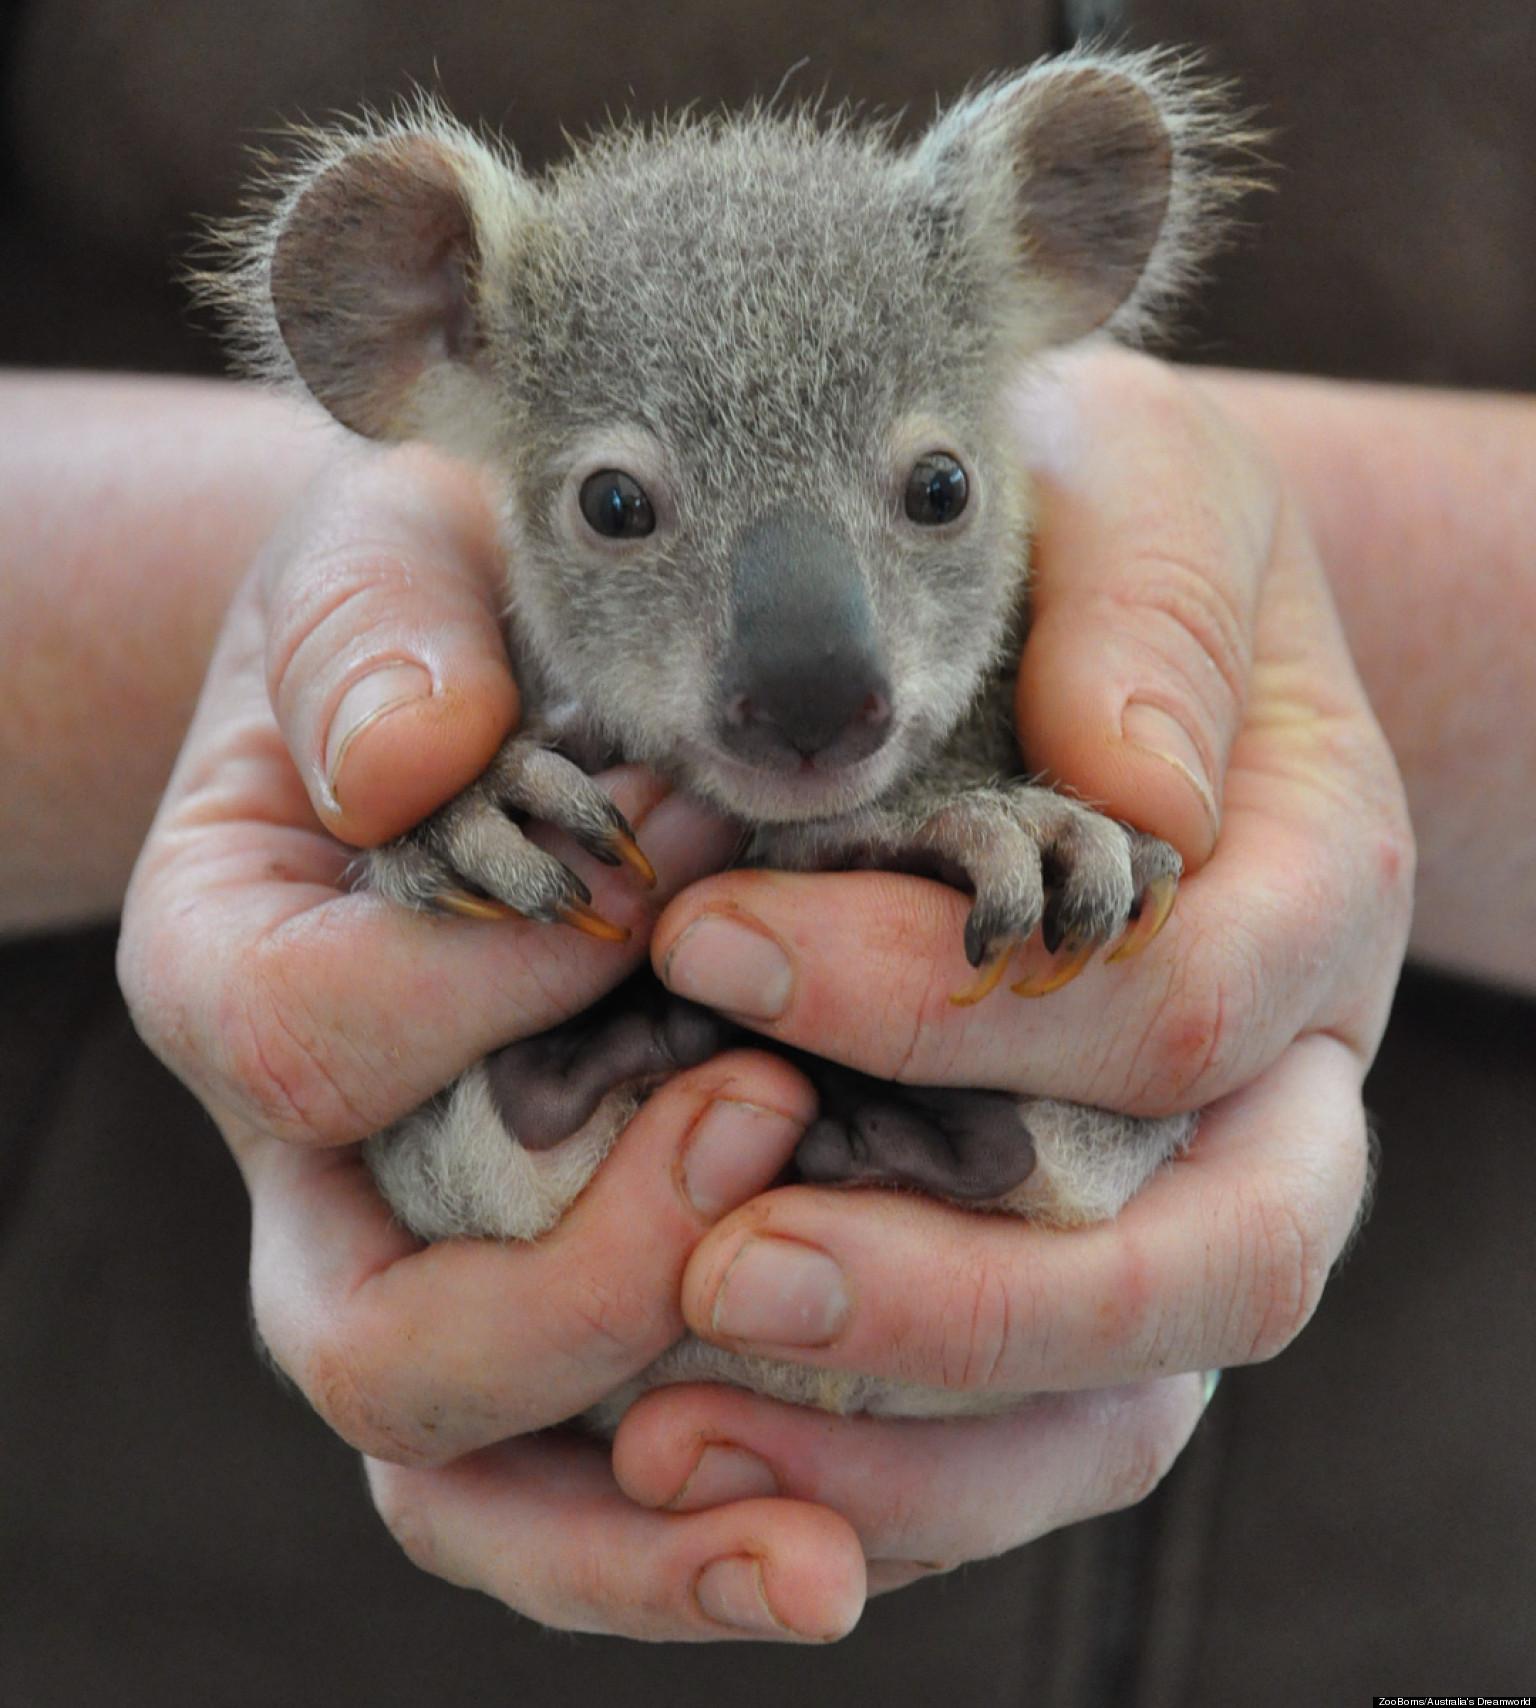 Baby Mammals Animals